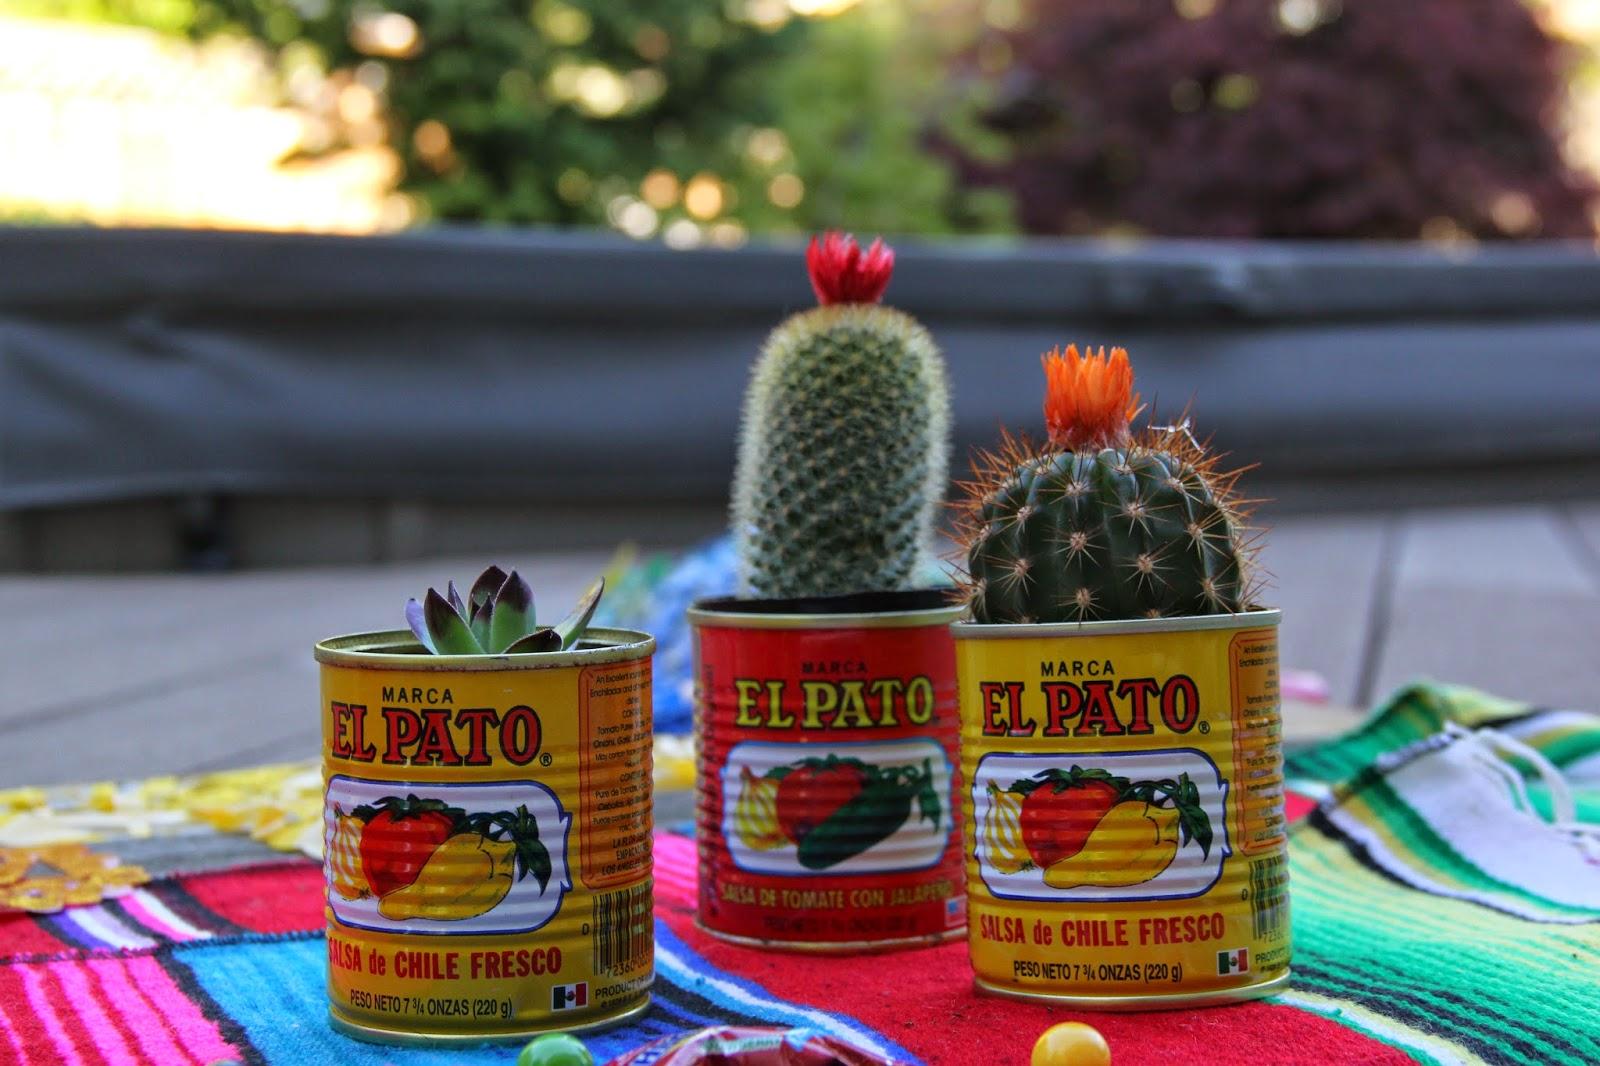 Cactus, Succulents, piñata